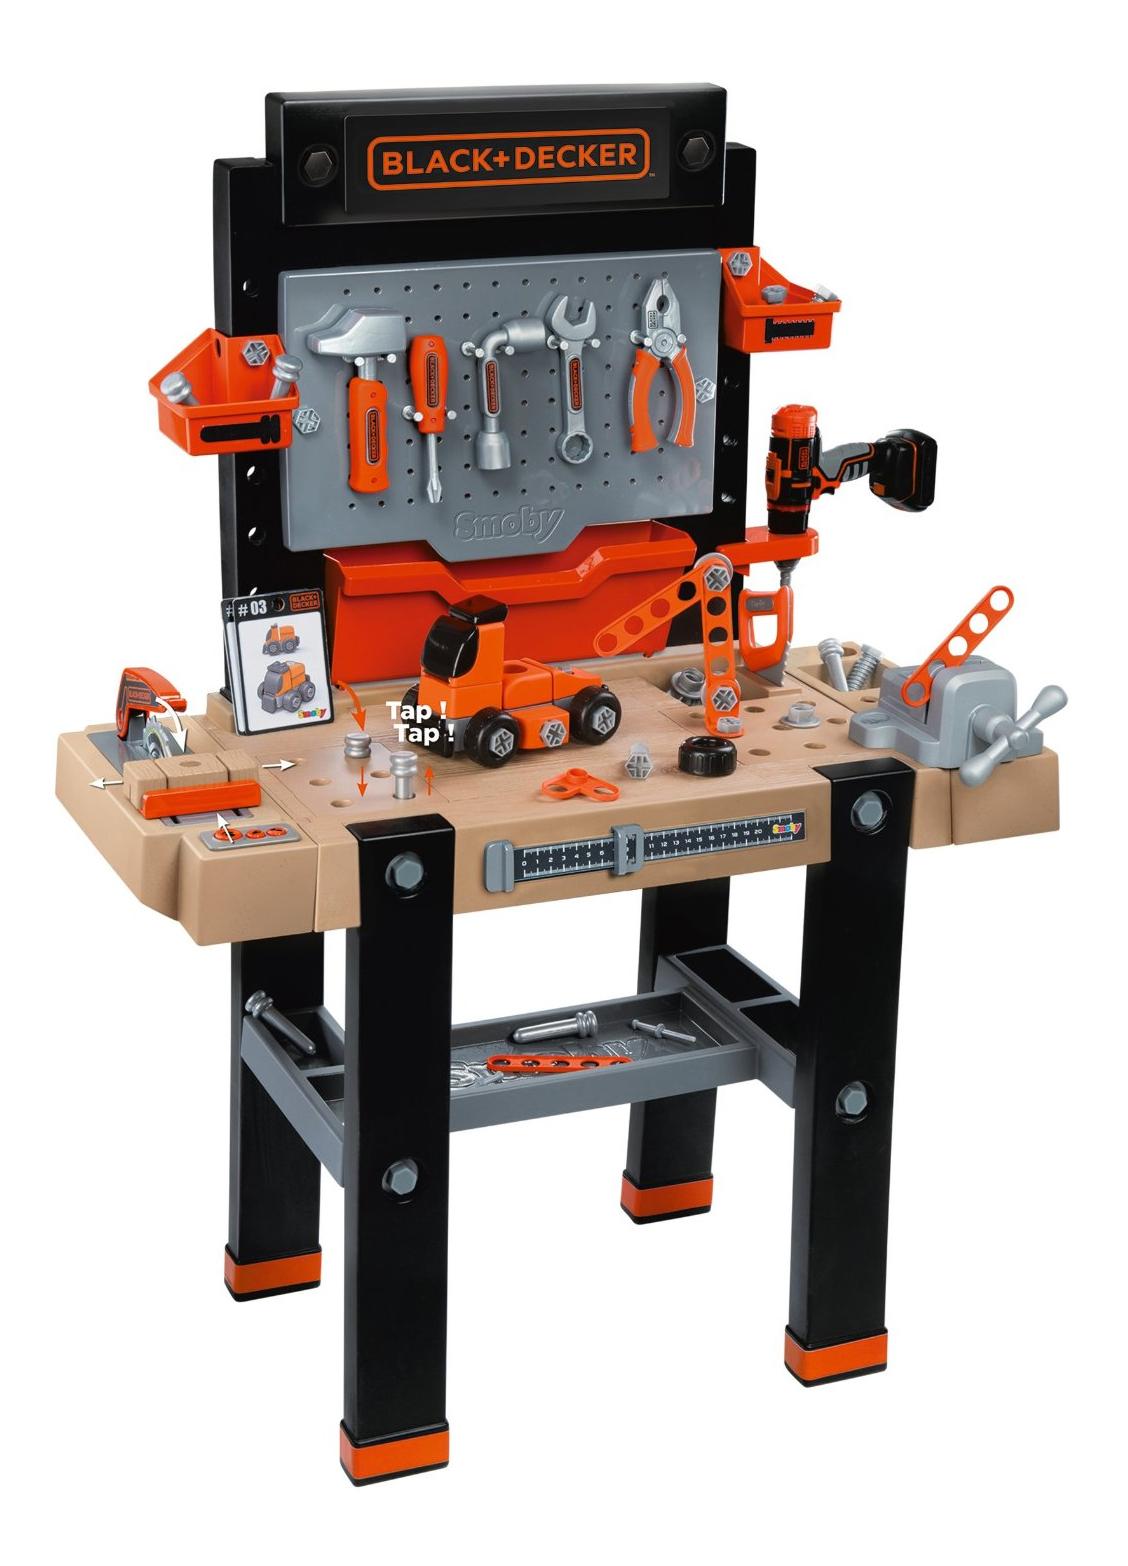 Купить Набор игрушечных инструментов Smoby Black&Decker, Simba, Детские мастерские